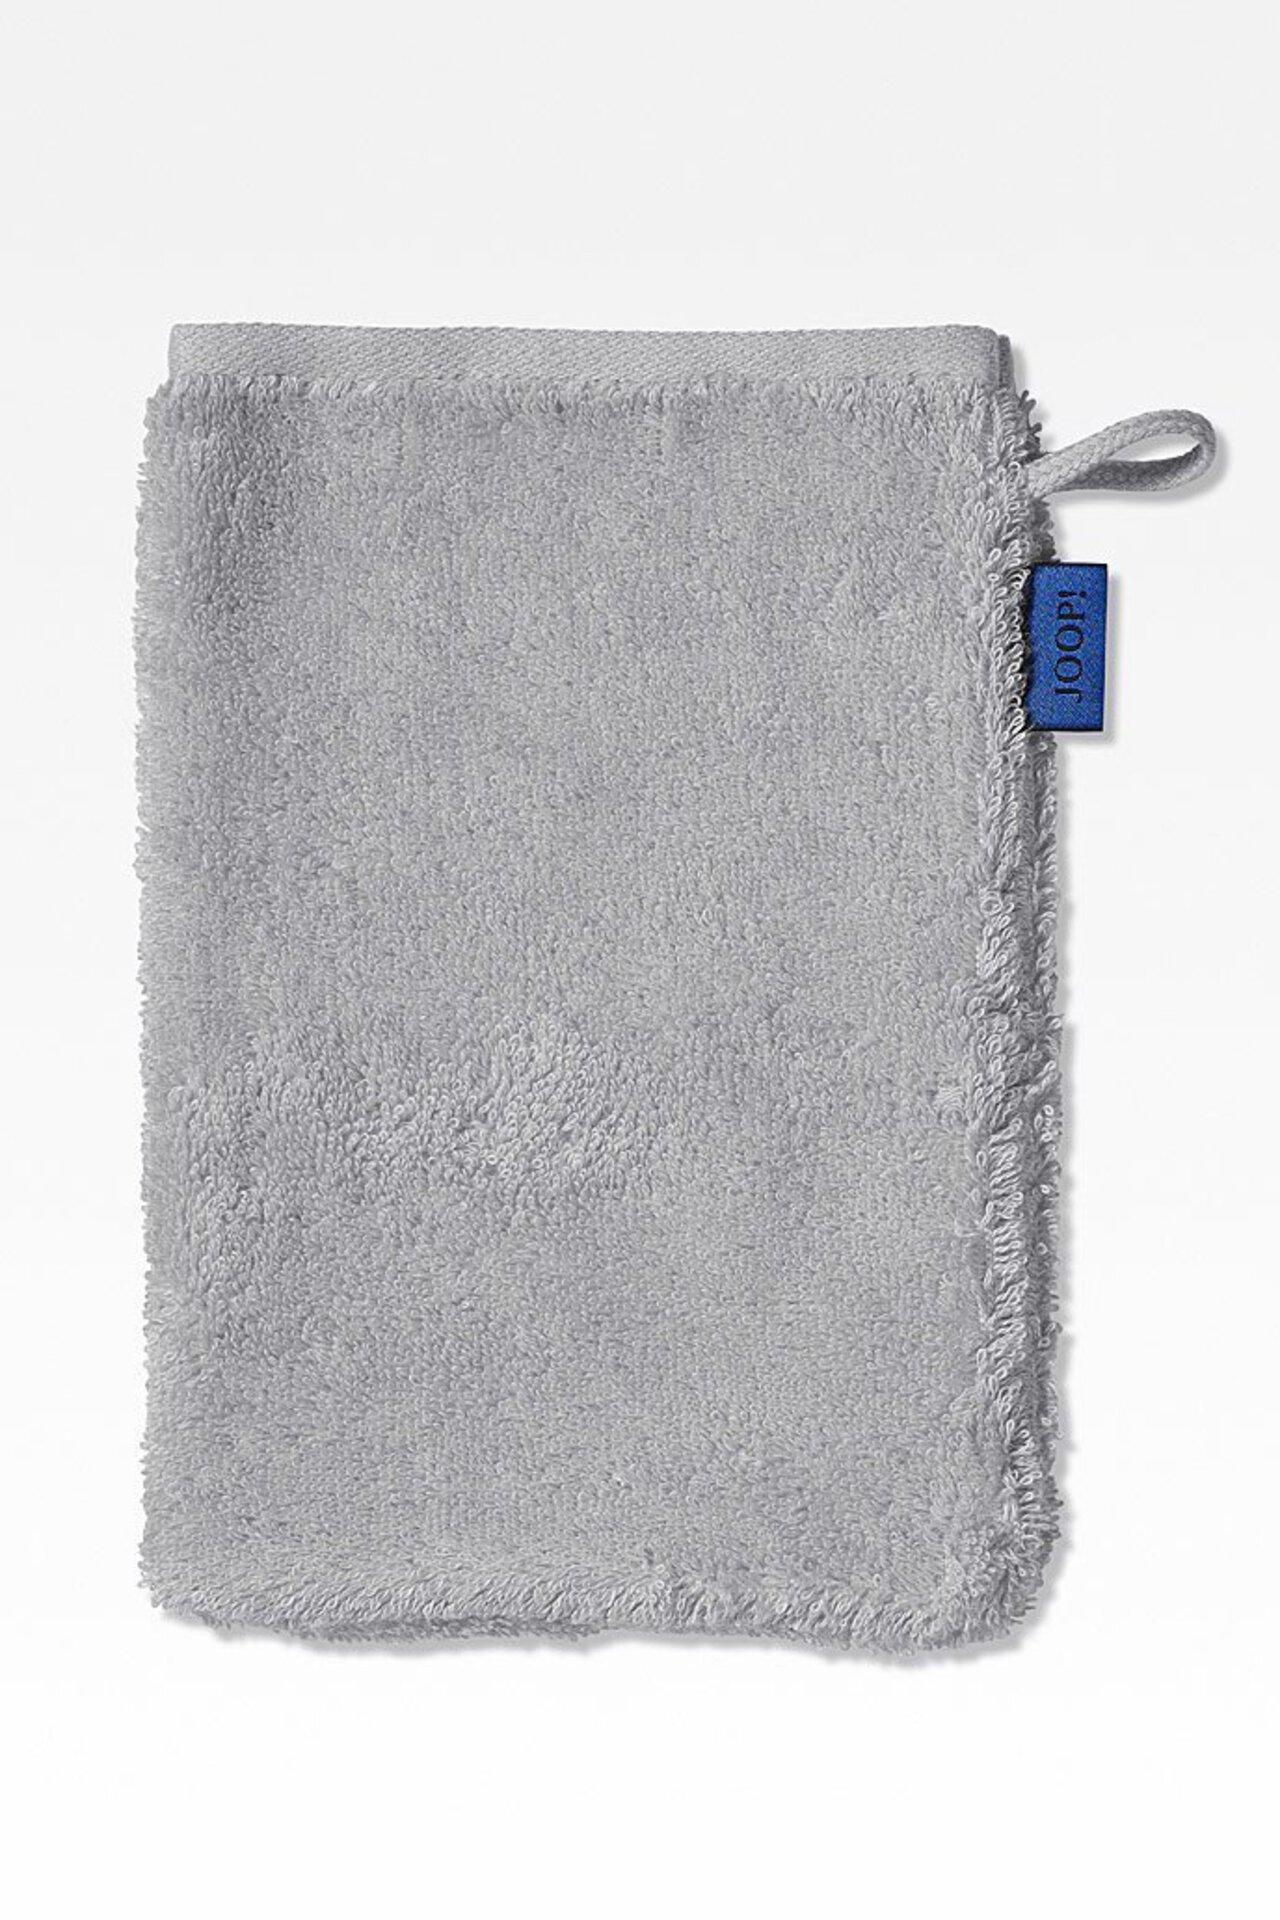 Waschhandschuh Classic Joop! Textil 16 x 22 cm